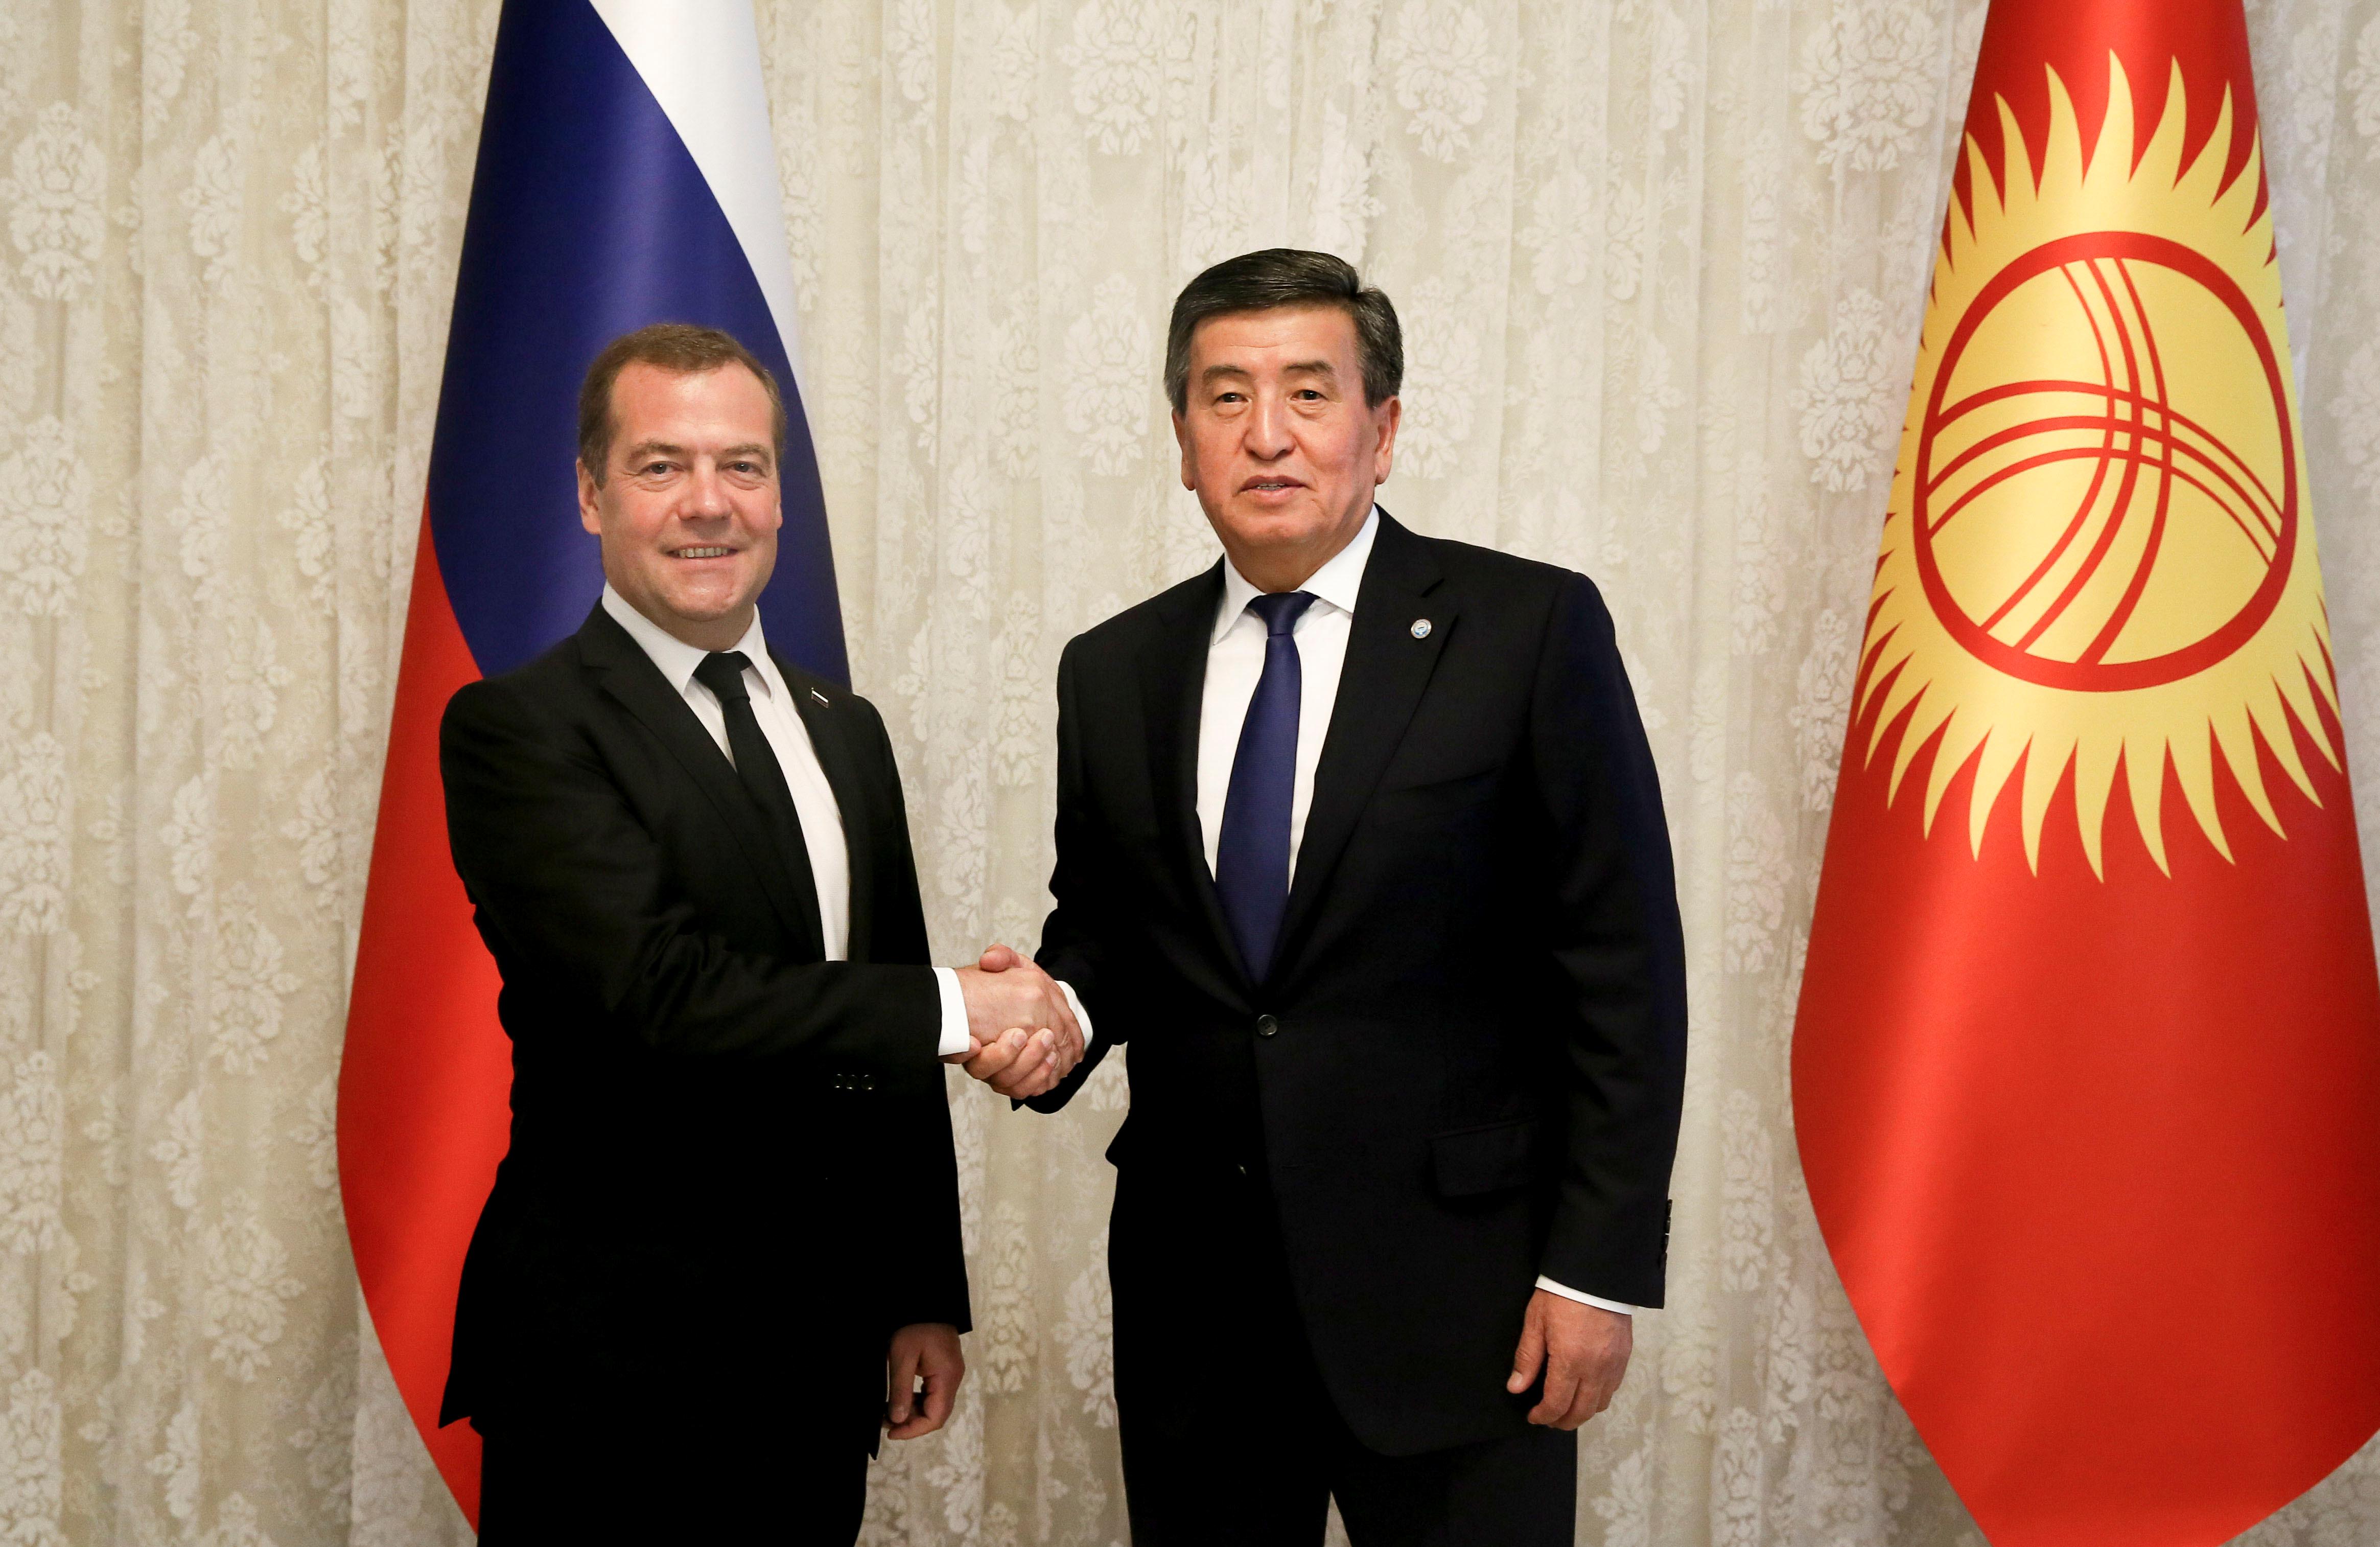 Жээнбеков с премьером РФ Дмитрием Медведевым